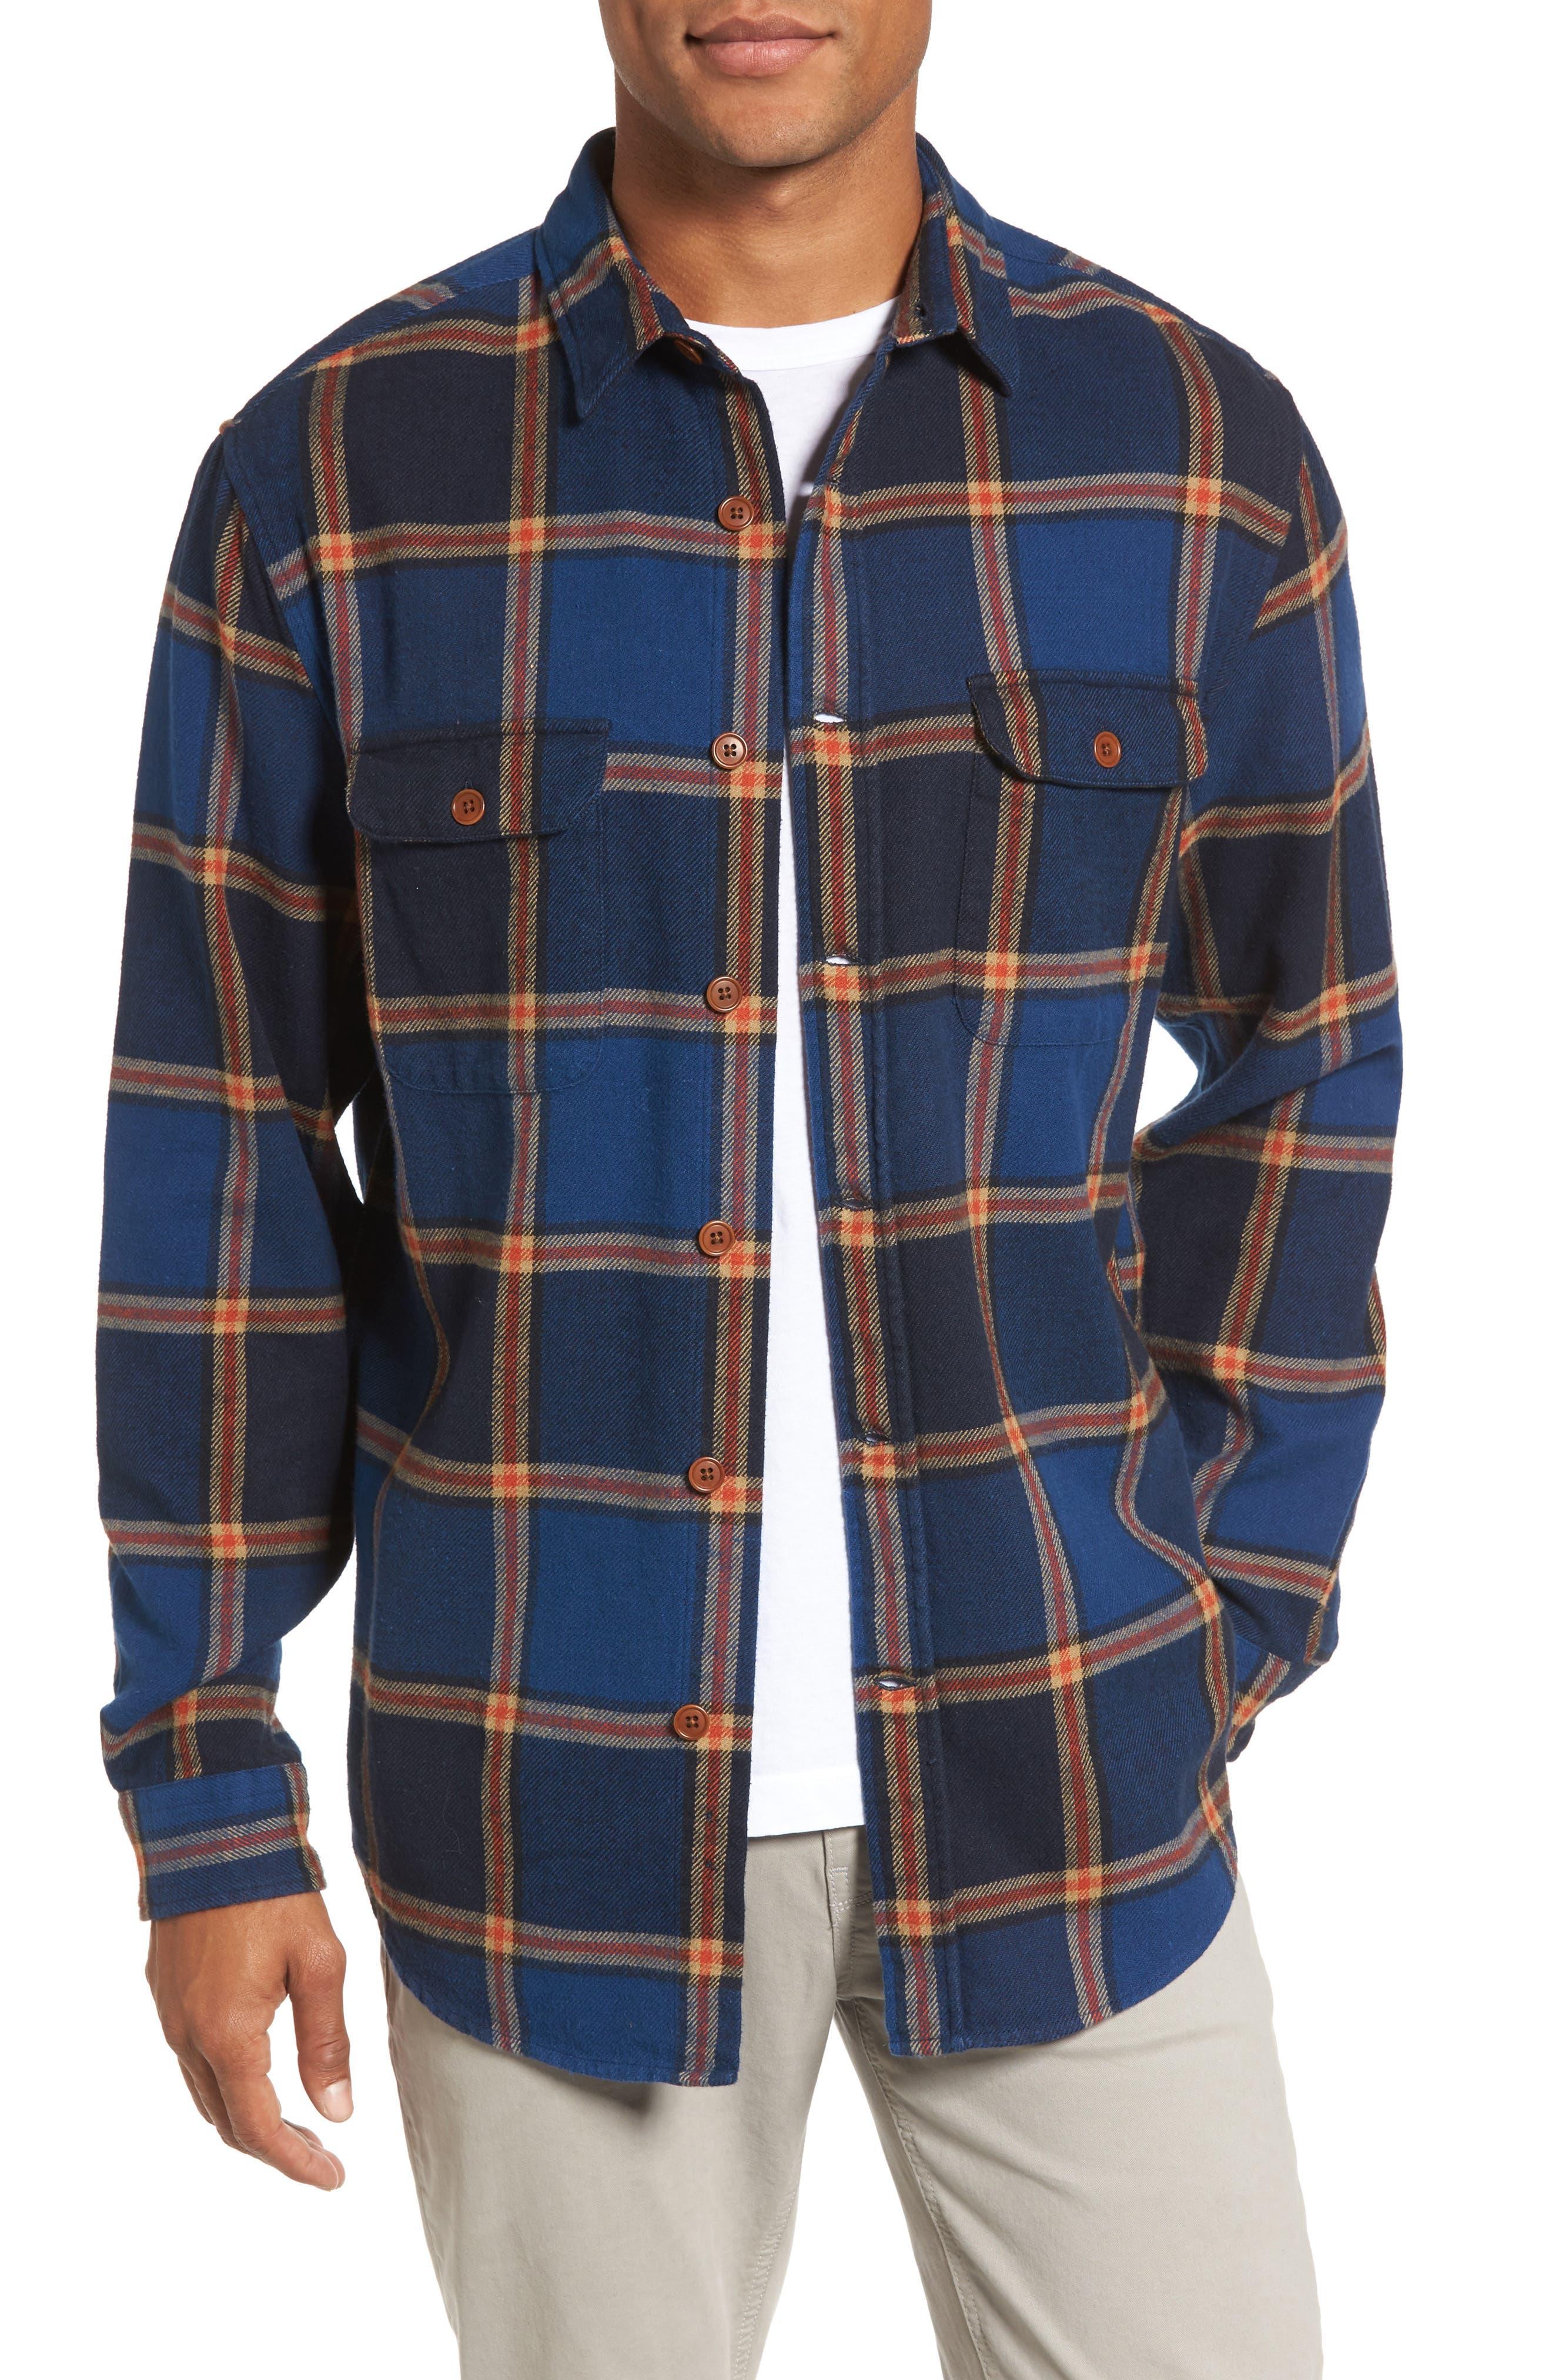 R1 Check Twill Shirt Jacket,                             Main thumbnail 1, color,                             410